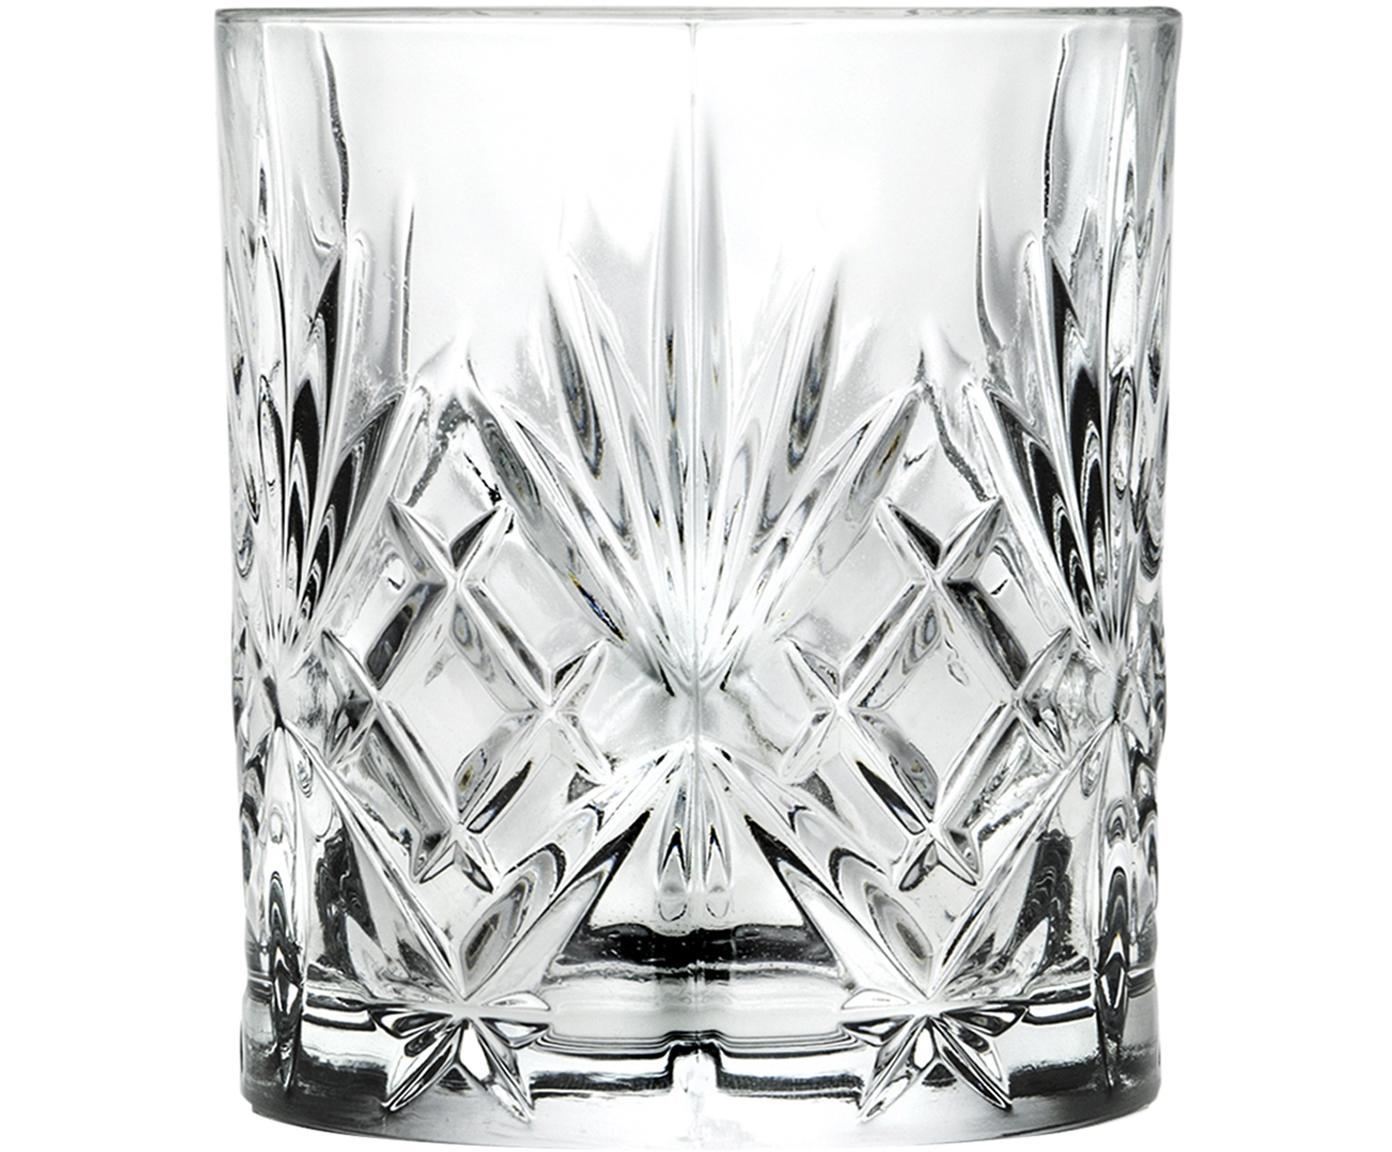 Bicchiere whiskey in cristallo Melodia 6 pz, Vetro di cristallo, Trasparente, Ø 8 x Alt. 9 cm